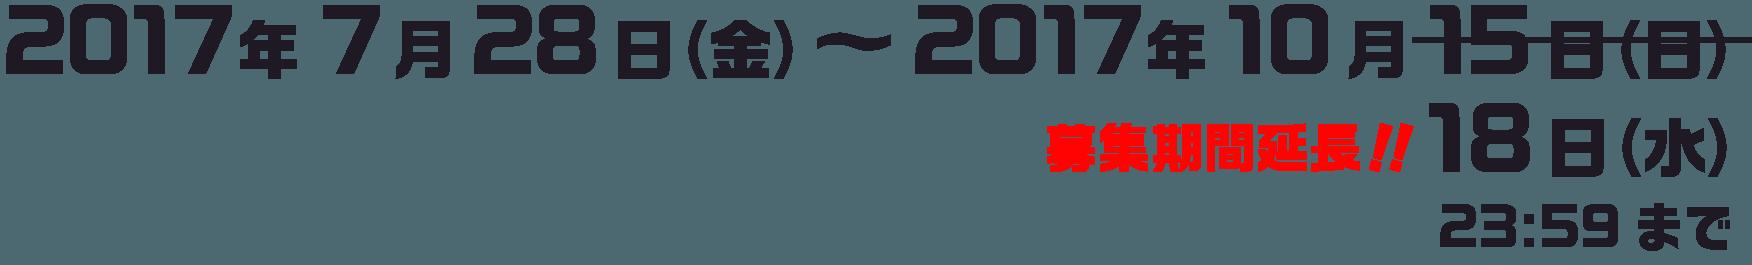 2017年7月28日(金)~10月15日(日)(23:59まで)